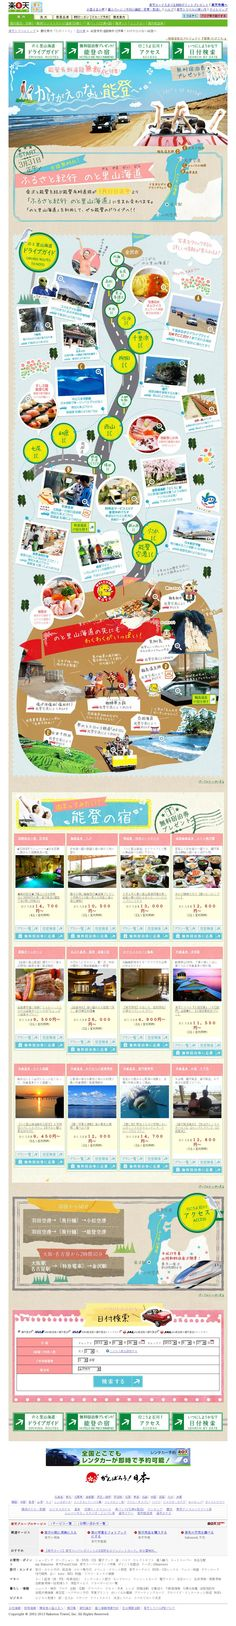 【C】【地域振興】【旅頃】能登有料道路無料化CP<2013/03/04>